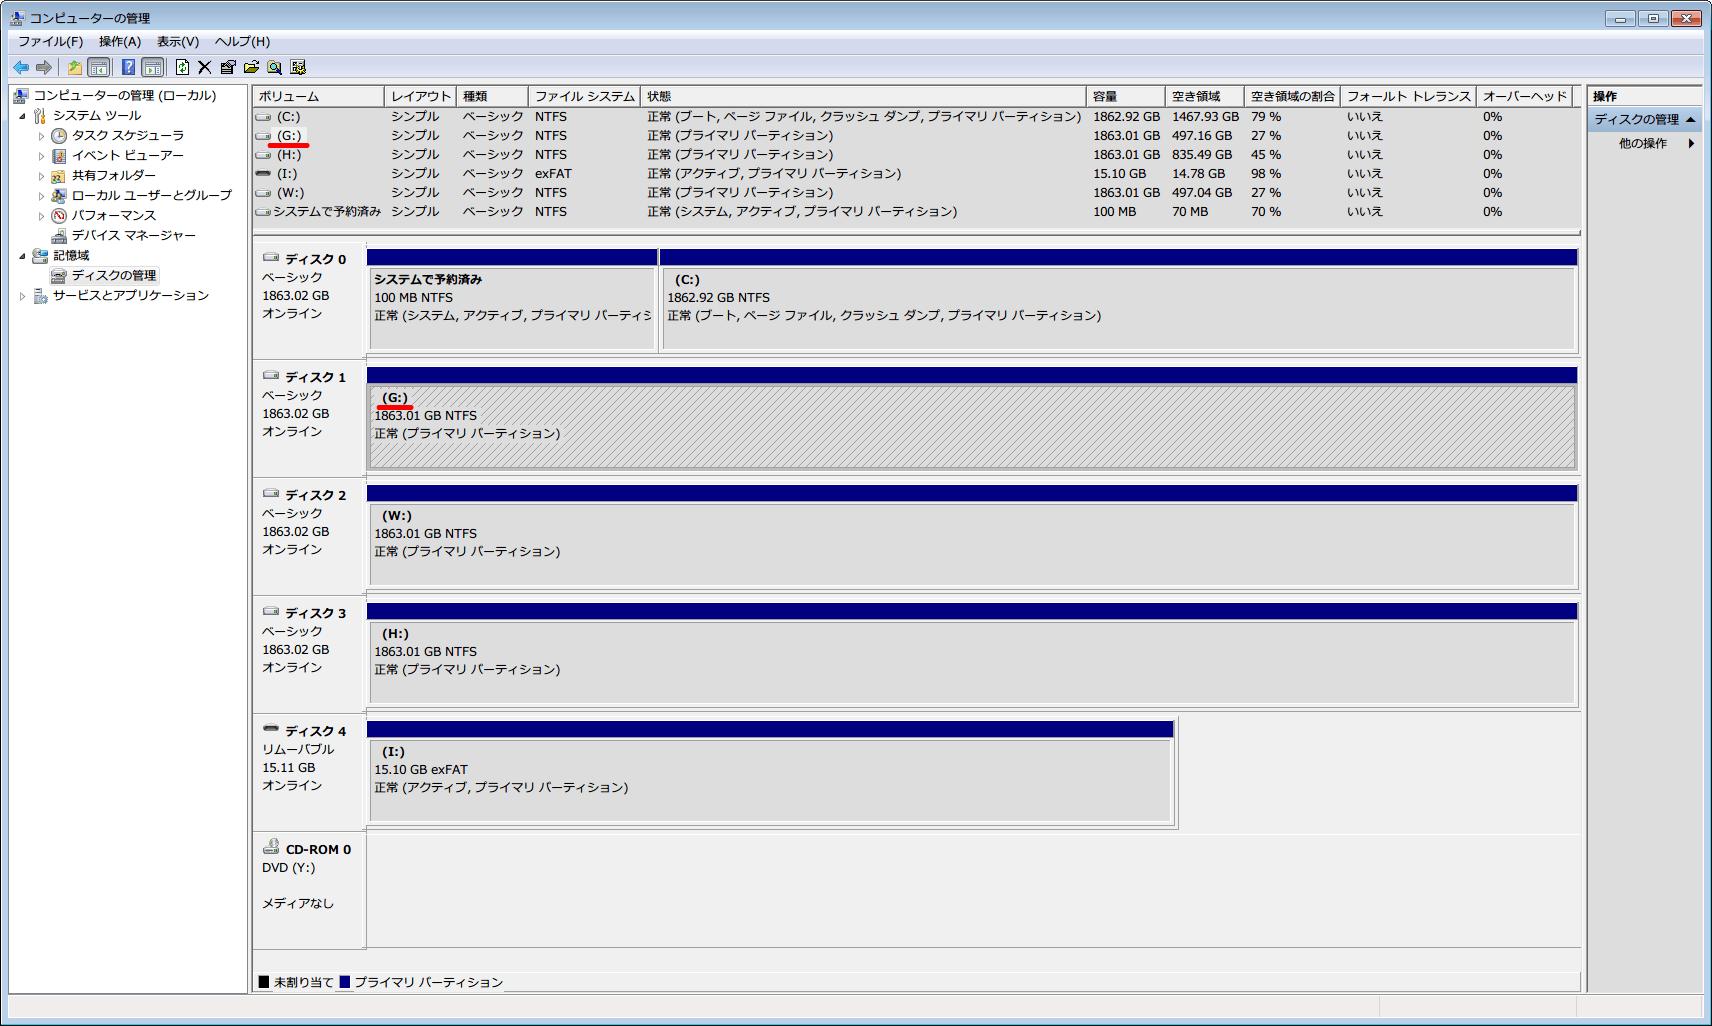 Windows 7 ディスクの管理画面 - ドライブ文字とパスの変更(C)... - 新HDD ドライブレター変更後の確認